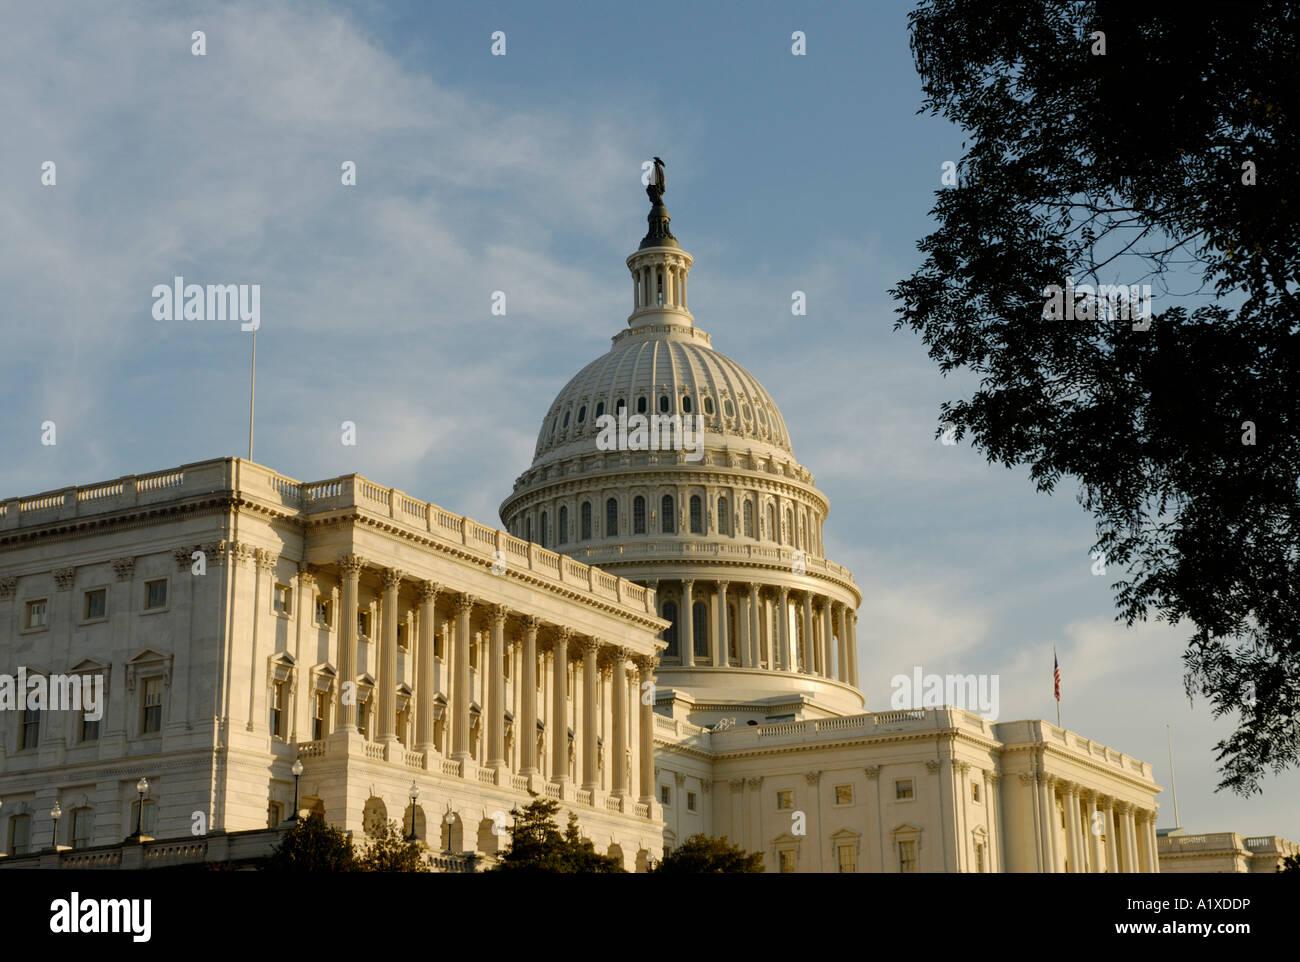 El edificio del Capitolio de los Estados Unidos ESTADOS UNIDOS Imagen De Stock